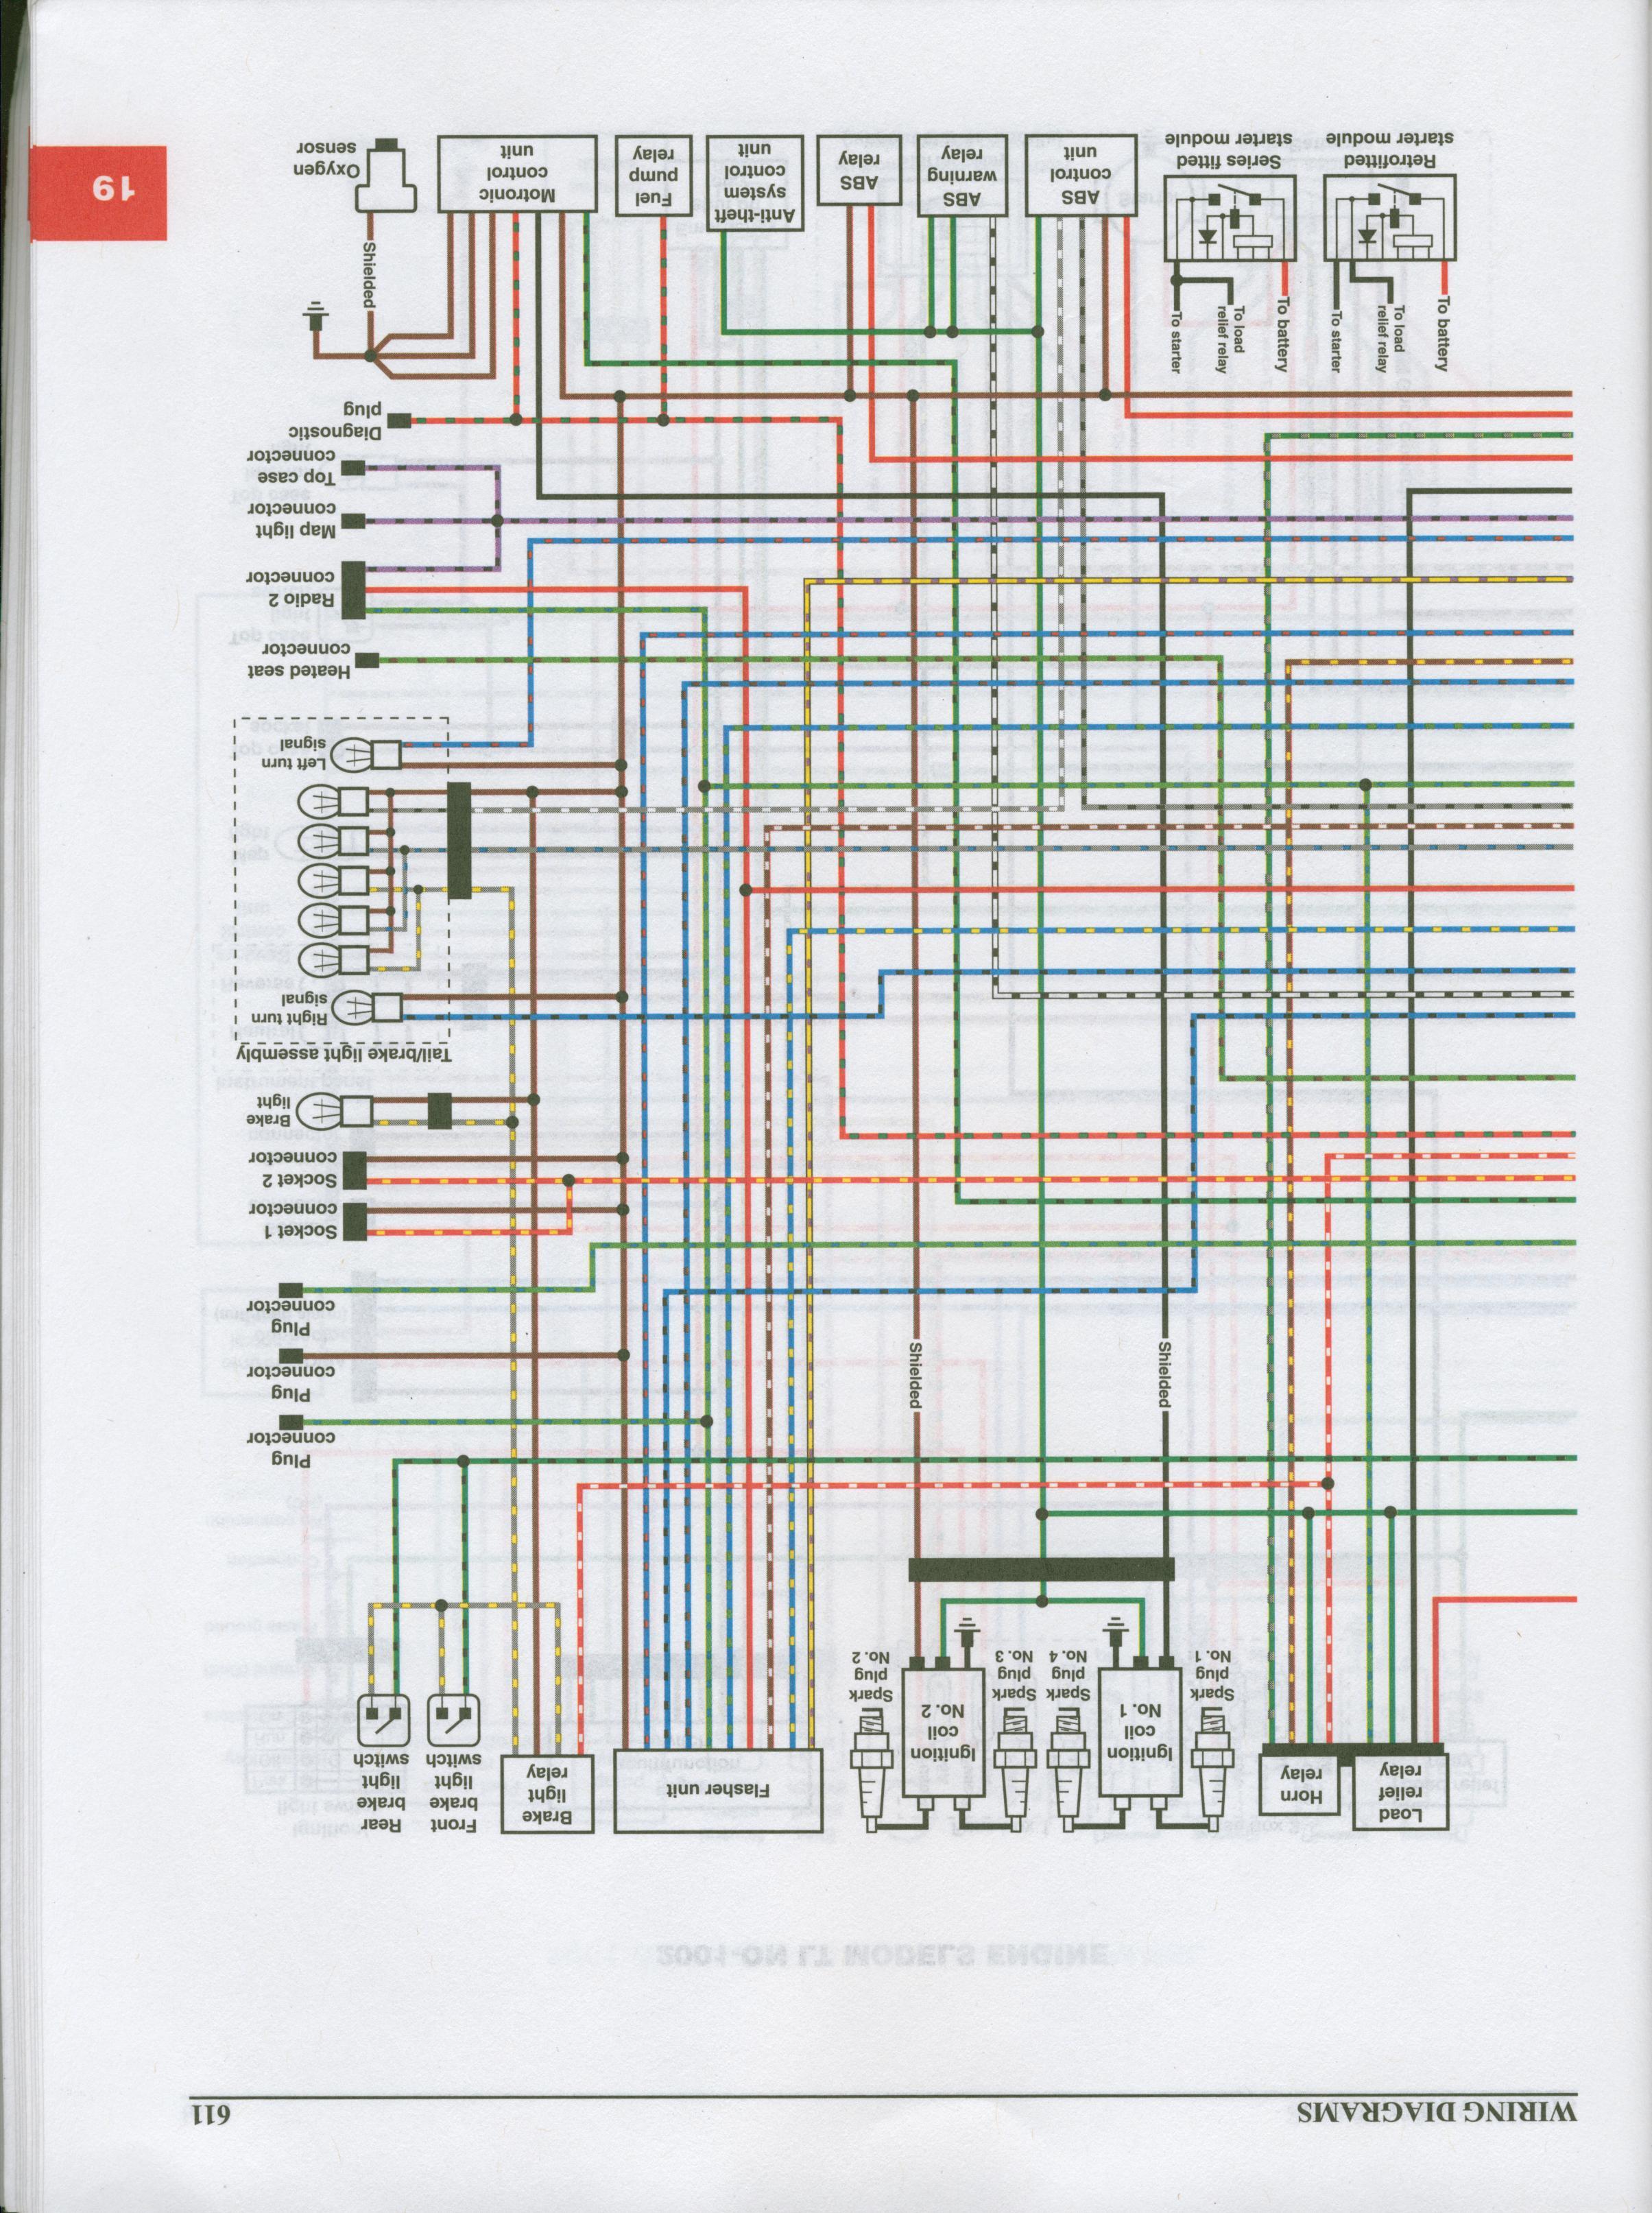 Wiring Diagram Bmw K1200lt - custom project wiring diagram on